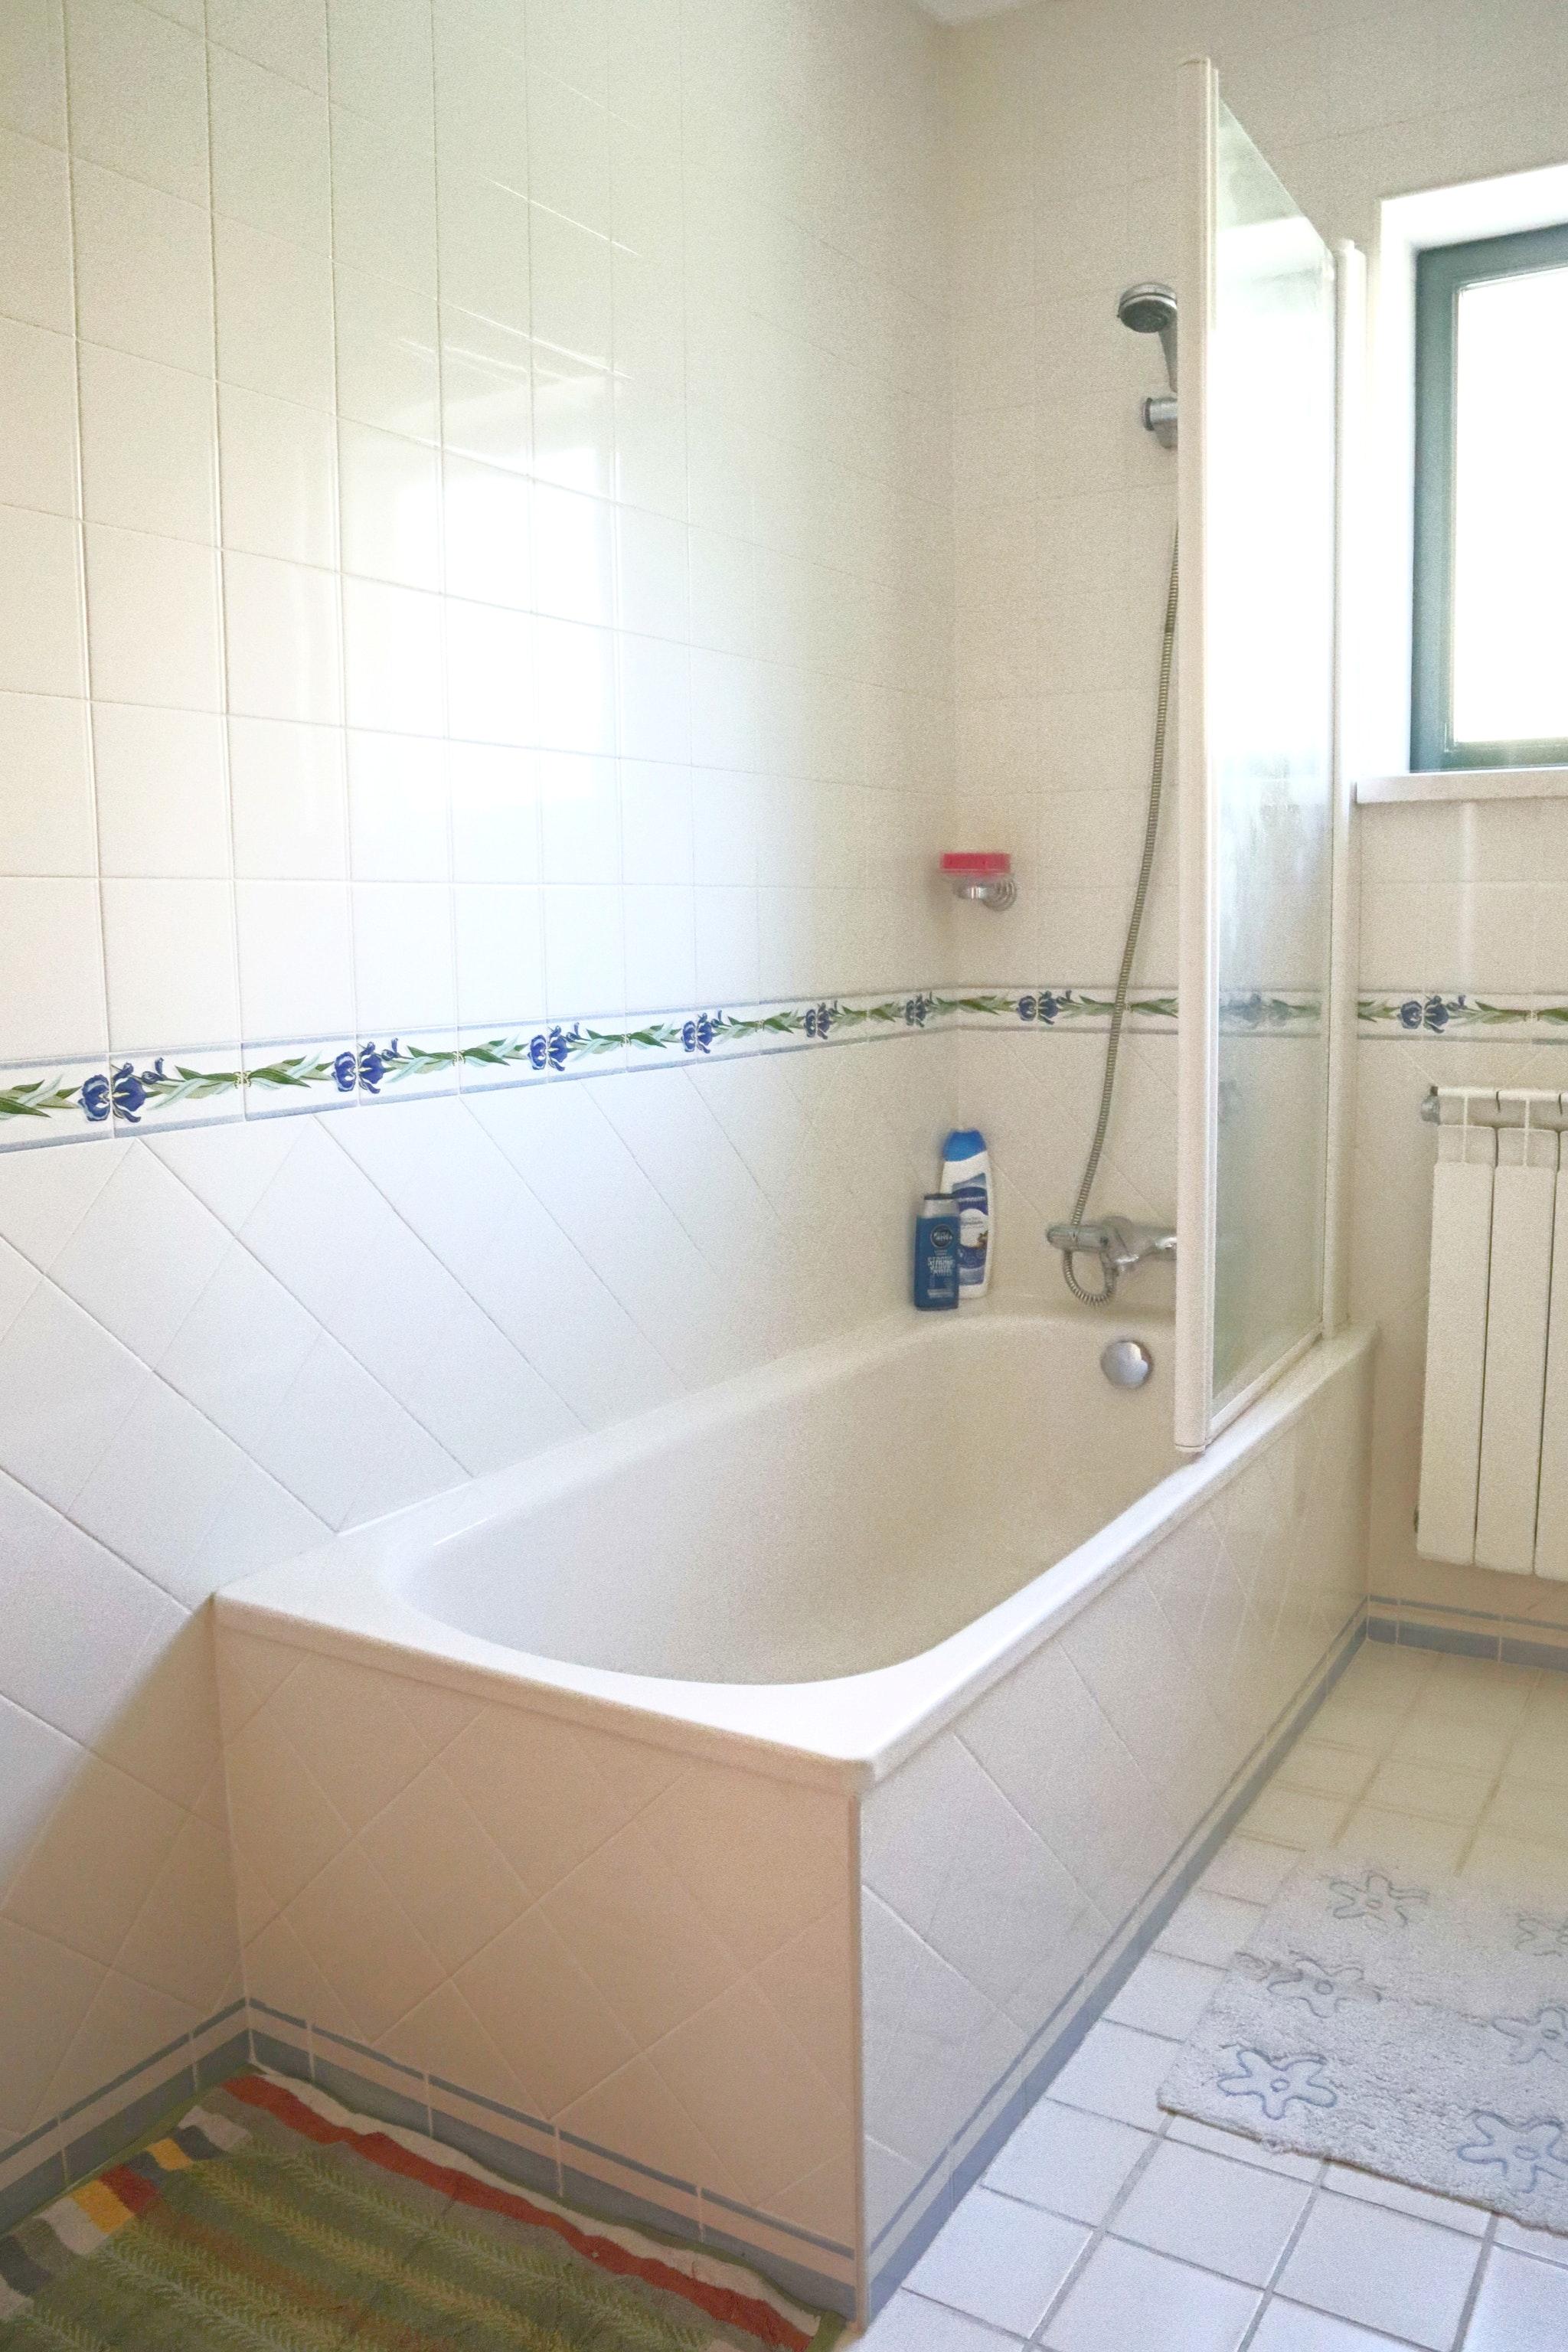 Ferienhaus Villa mit 4 Schlafzimmern in Praia de Mira mit privatem Pool, eingezäuntem Garten und W-LA (2623071), Praia de Mira, Costa de Prata, Zentral-Portugal, Portugal, Bild 20